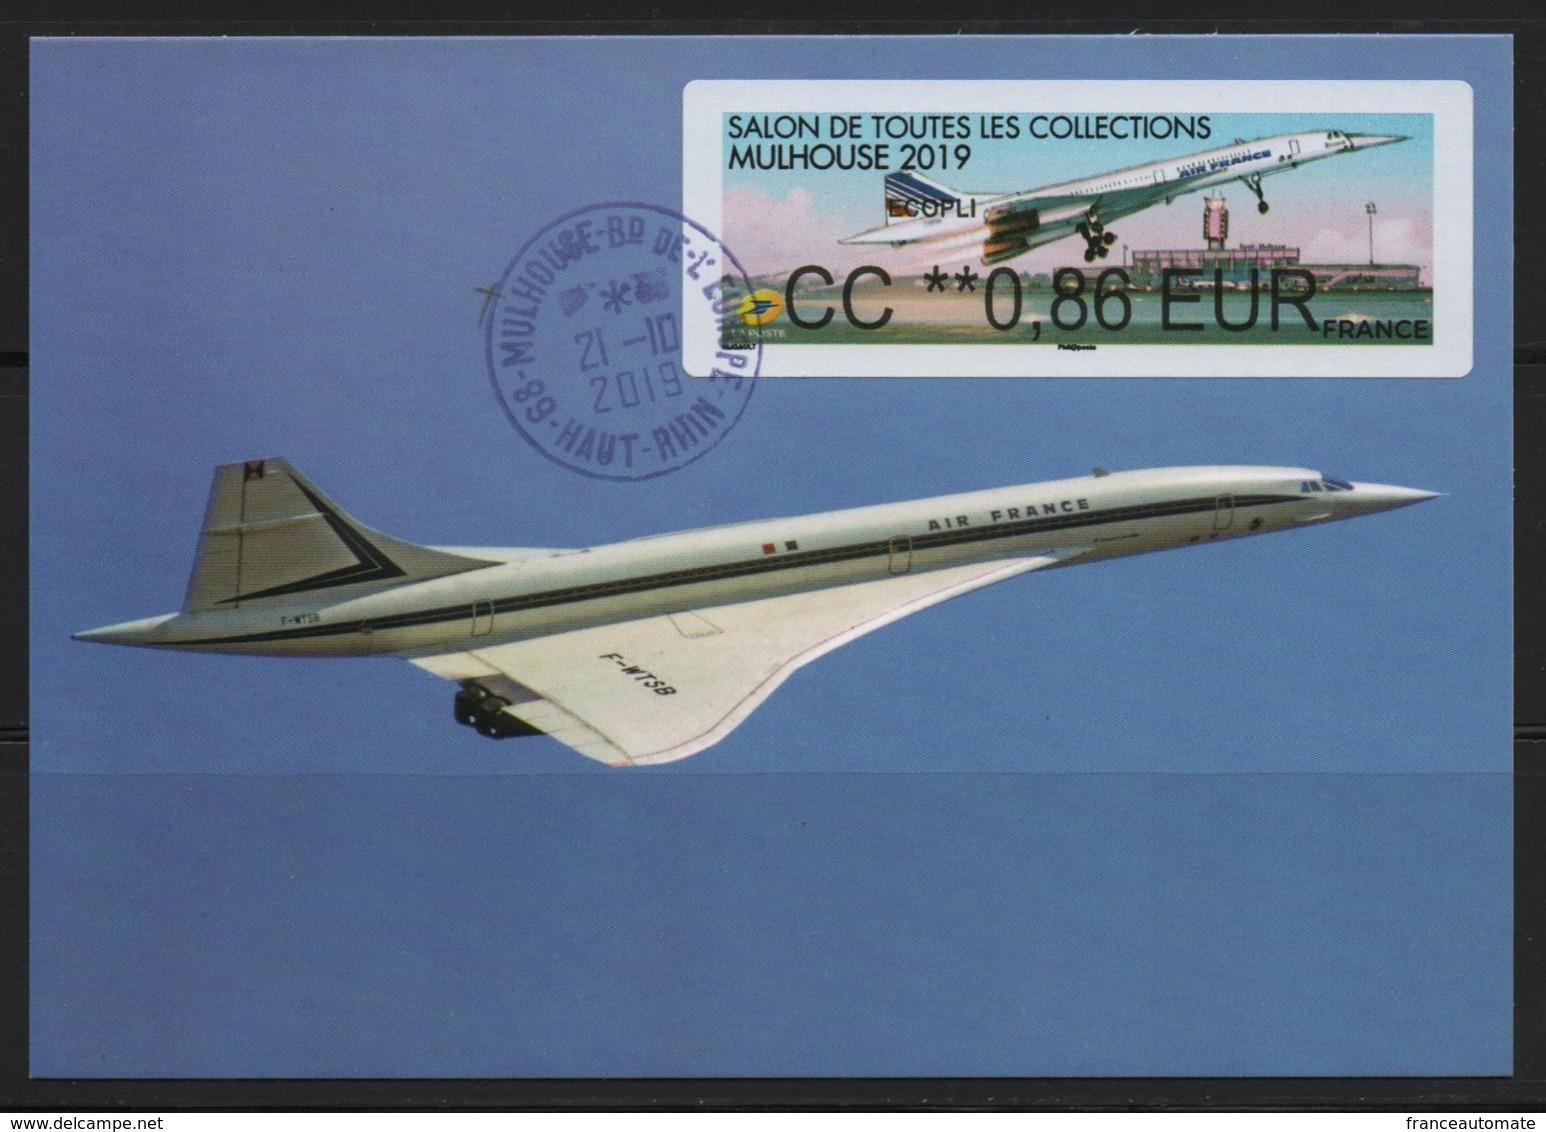 Carte Maximum, Vignette Brother, CC 0.86€, 50 Ans De L'aventure Concorde, MULHOUSE 2019, SALON TOUTES COLLECTIONS - Concorde